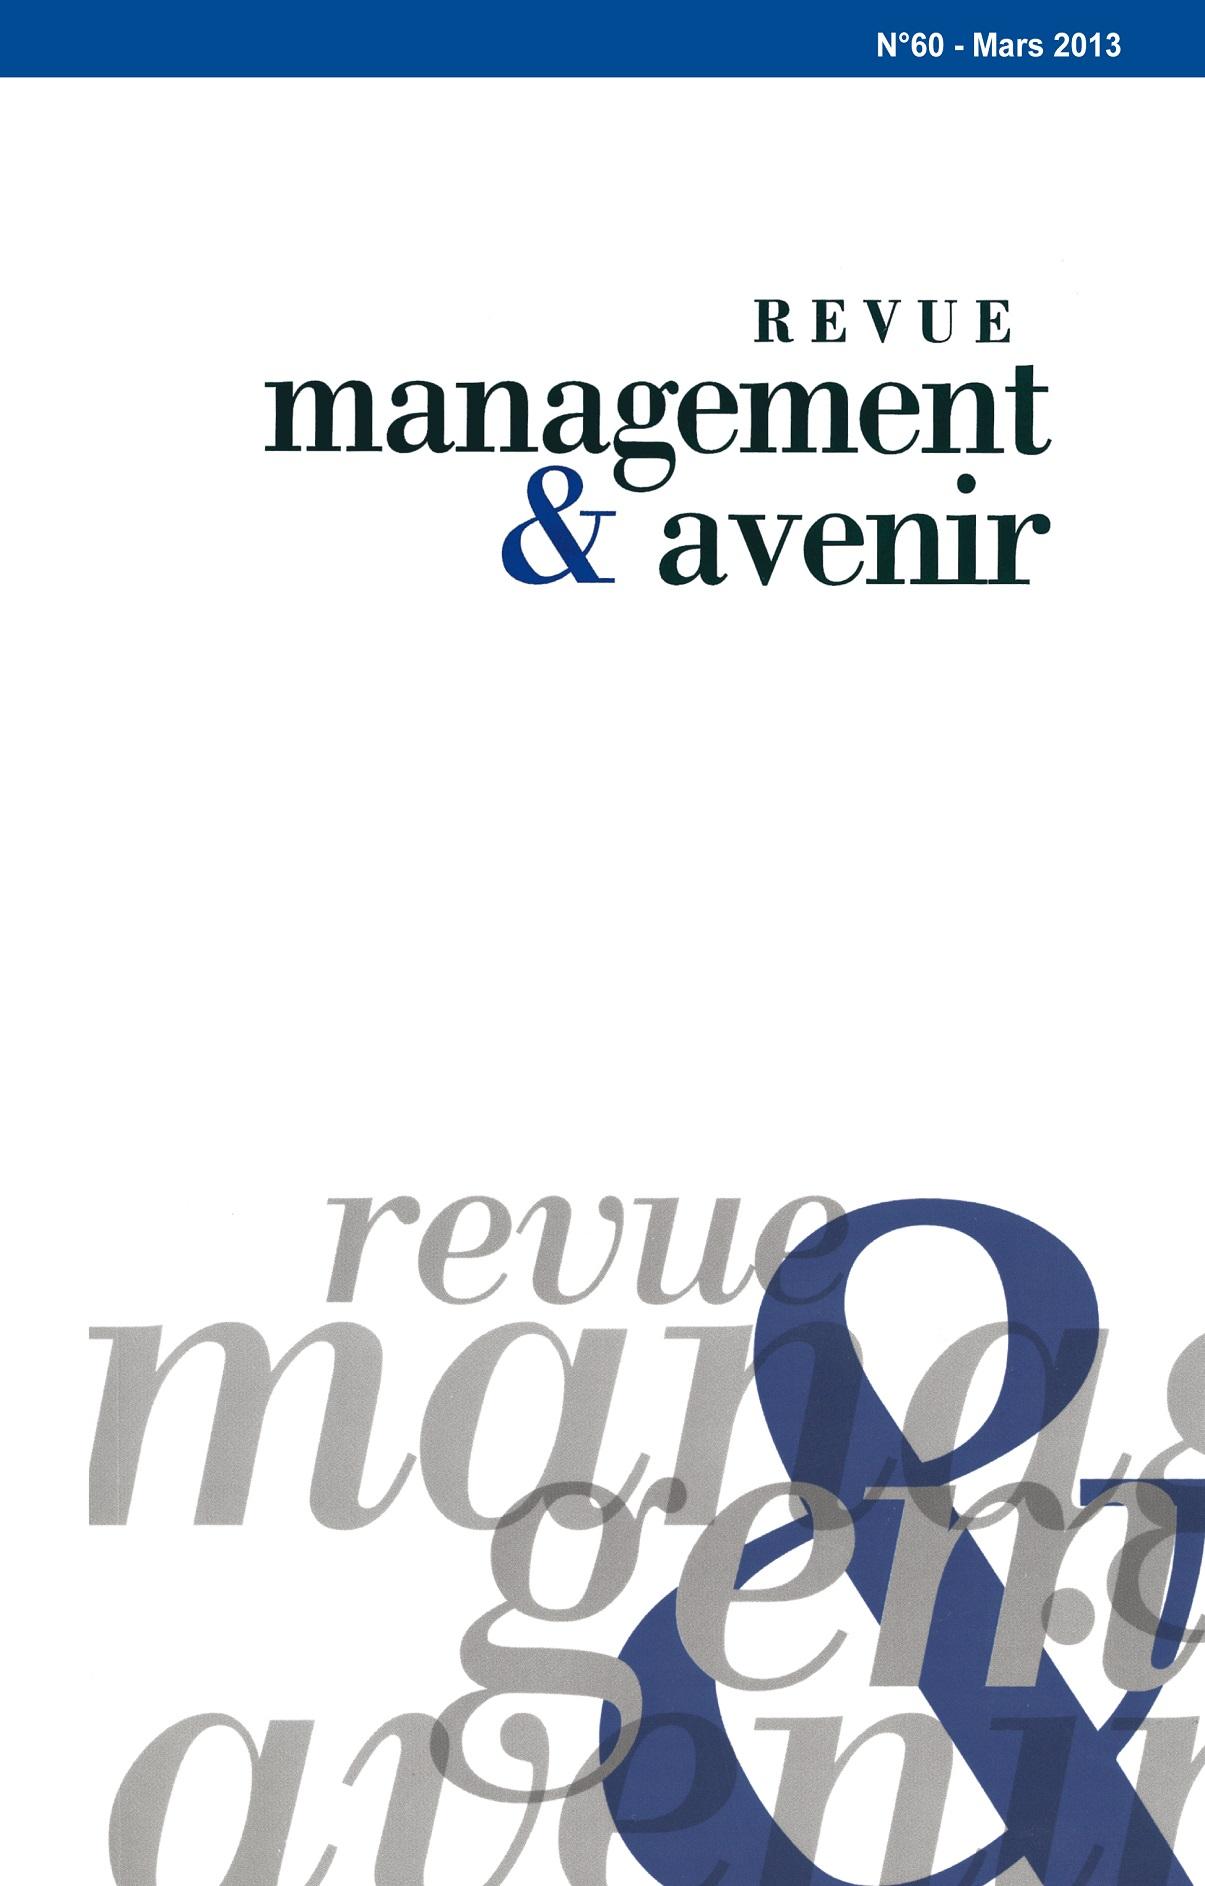 Management & Avenir, Revue généraliste, Publication des articles originaux de chercheurs en gestion, d'enseignants et de responsables d'entreprises et d'organisations